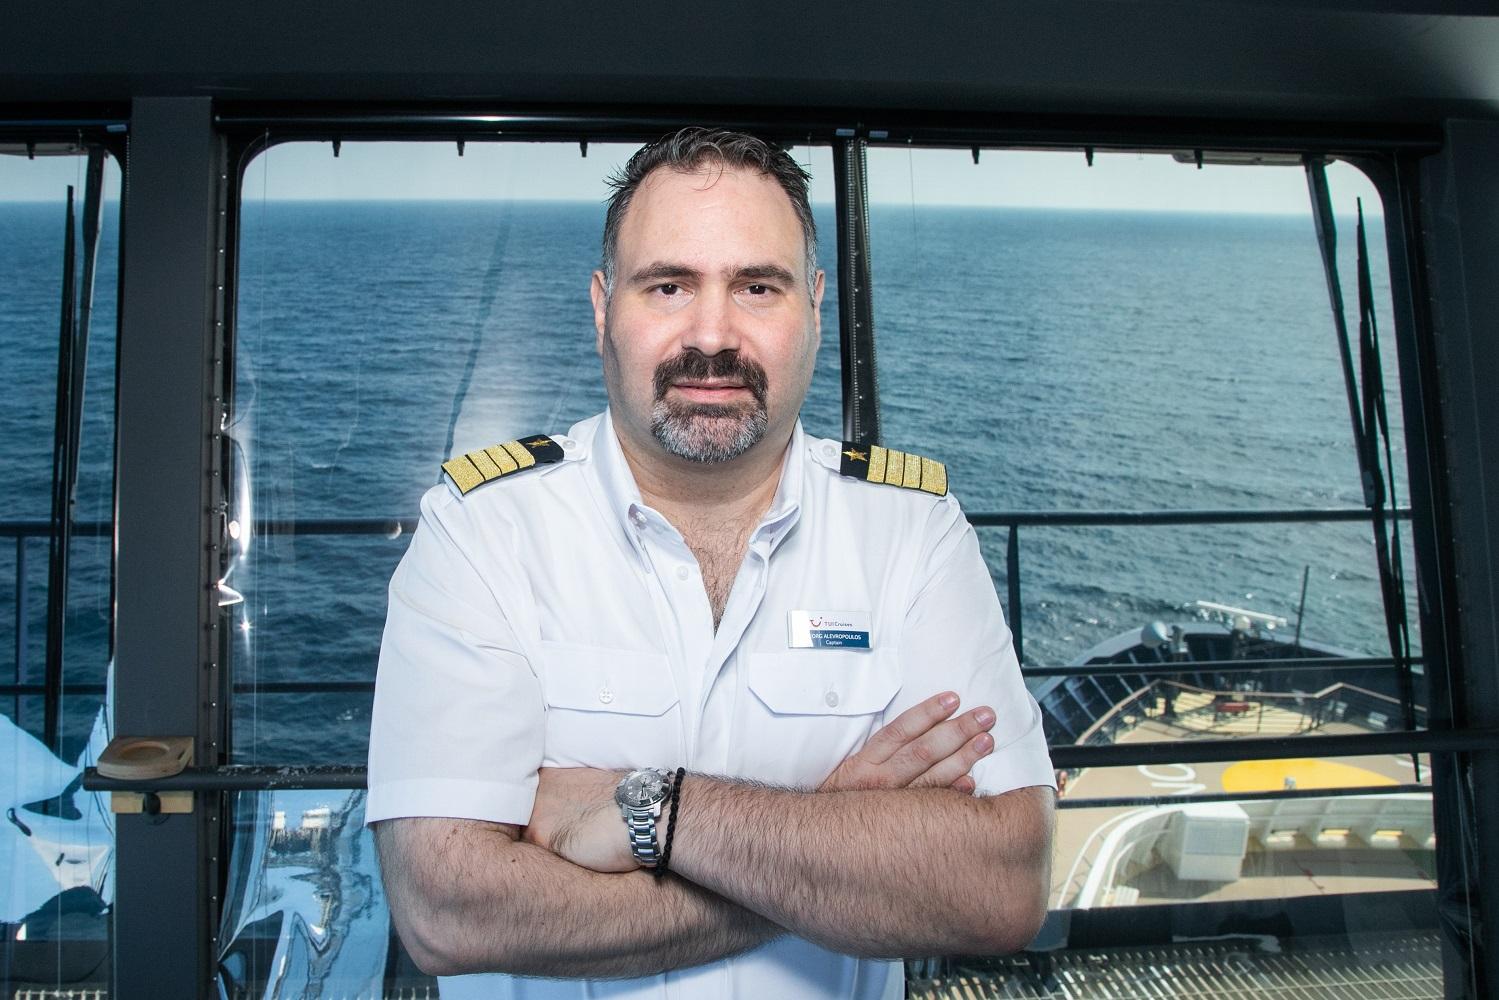 Die beste Aussicht hat der Kapitän von der Brücke der Mein Schiff